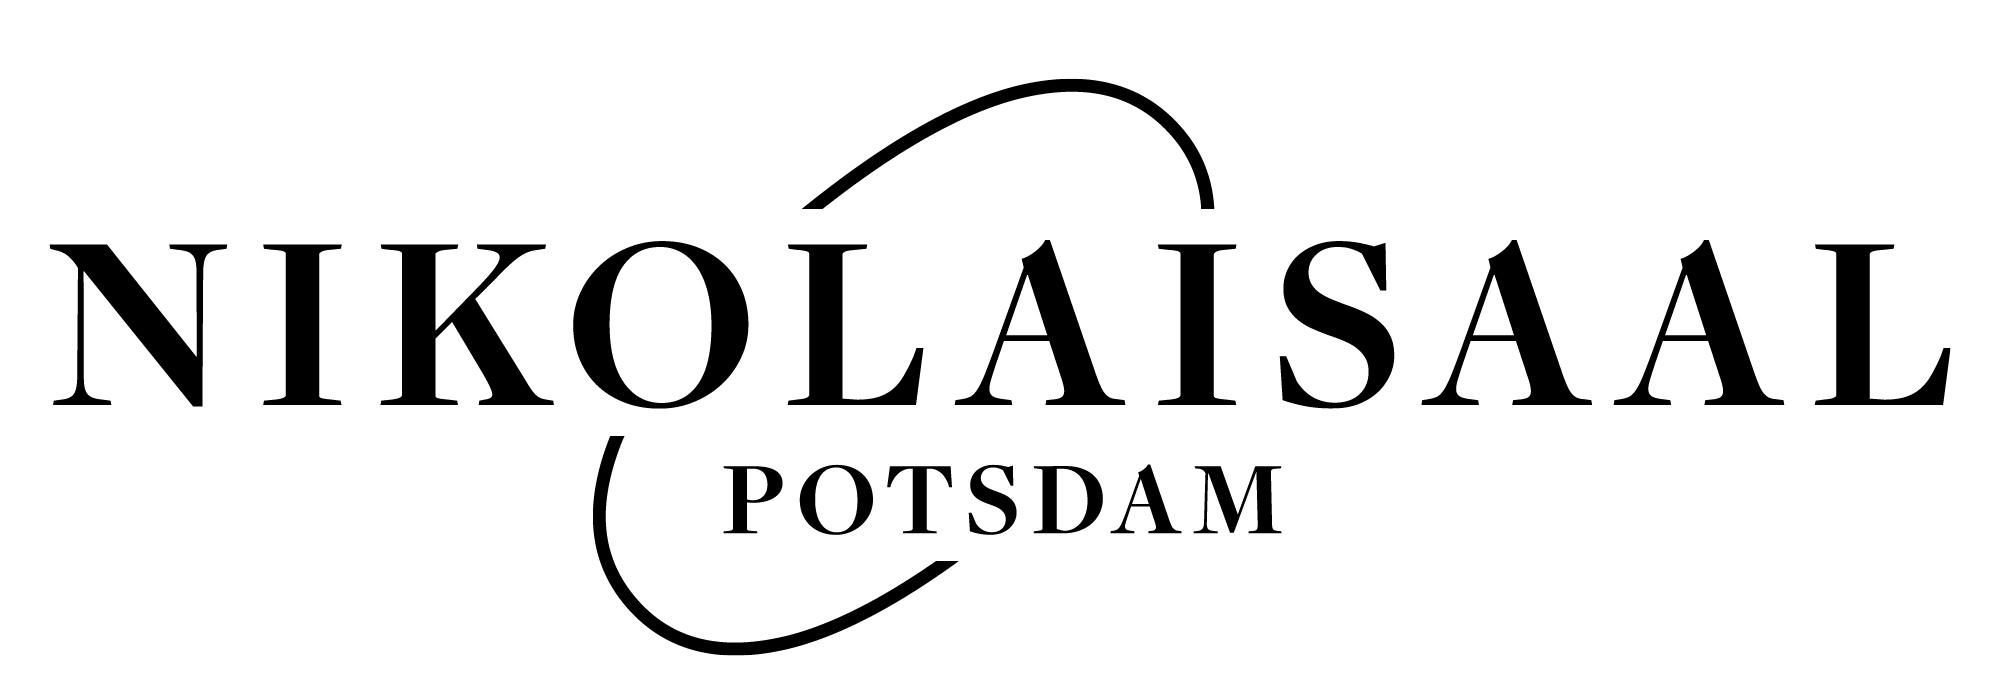 Nikolaisaal Logo Rz